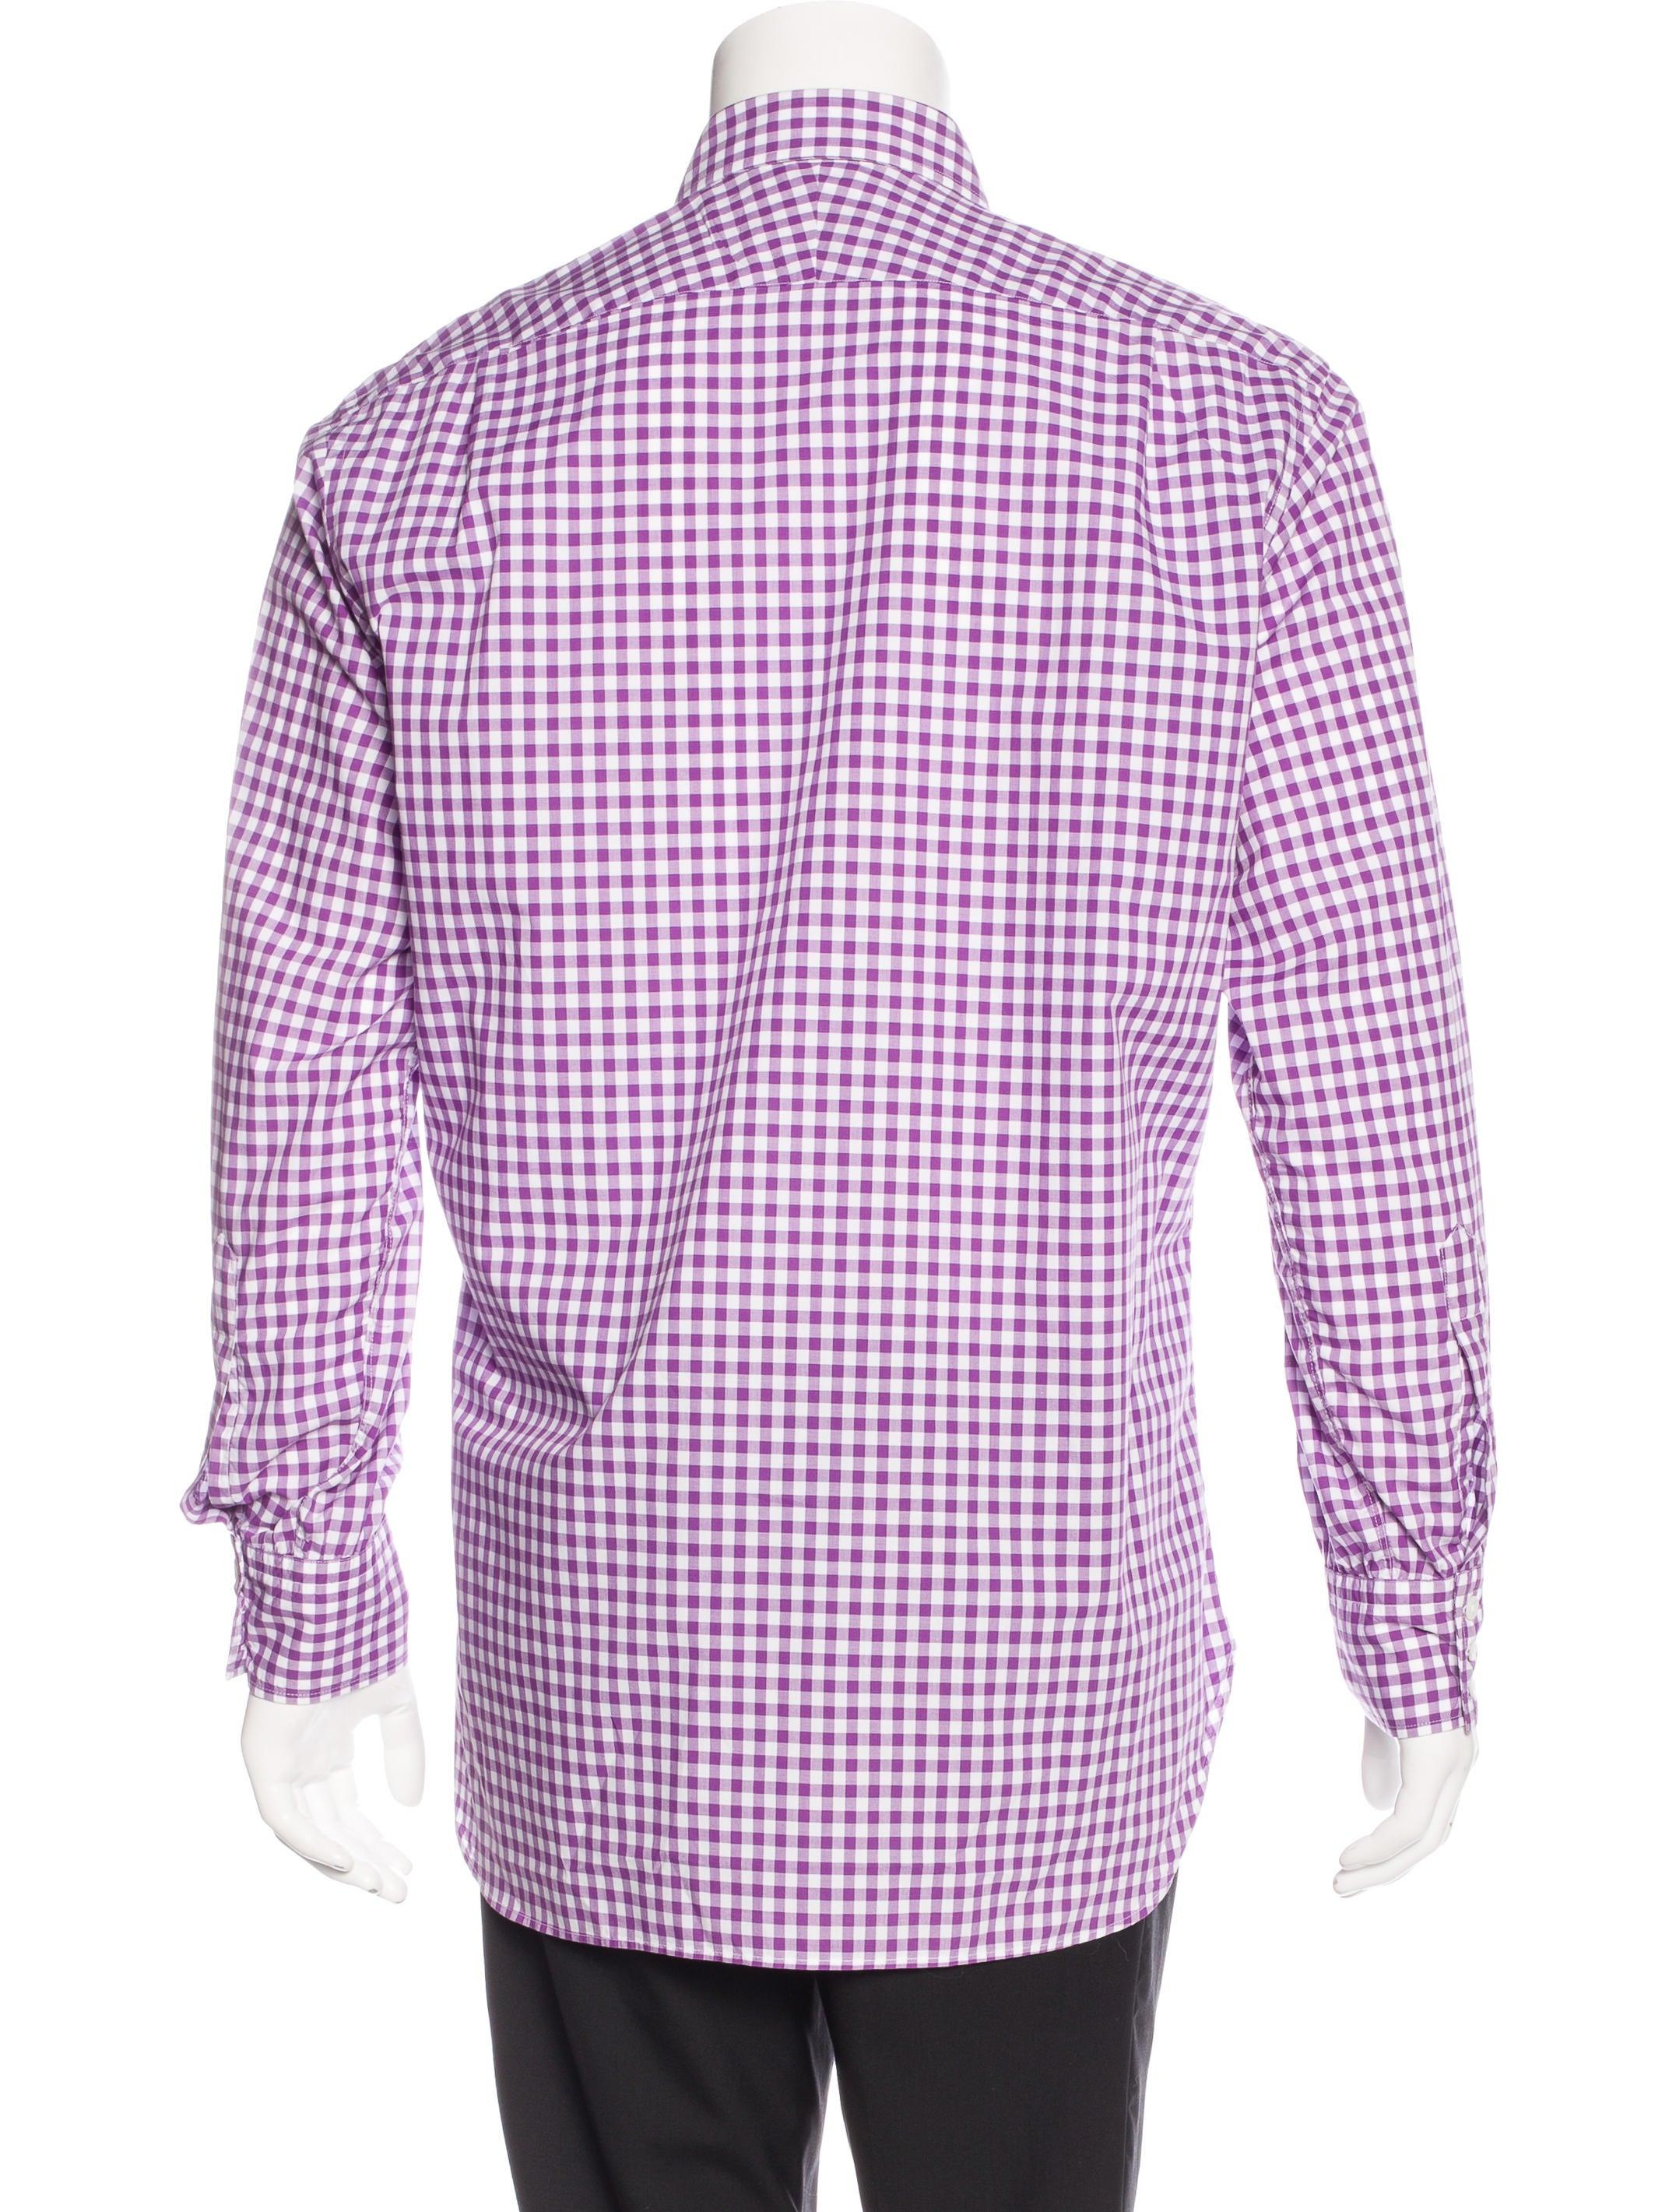 Turnbull asser gingham dress shirt clothing bll20279 for Gingham dress shirt men